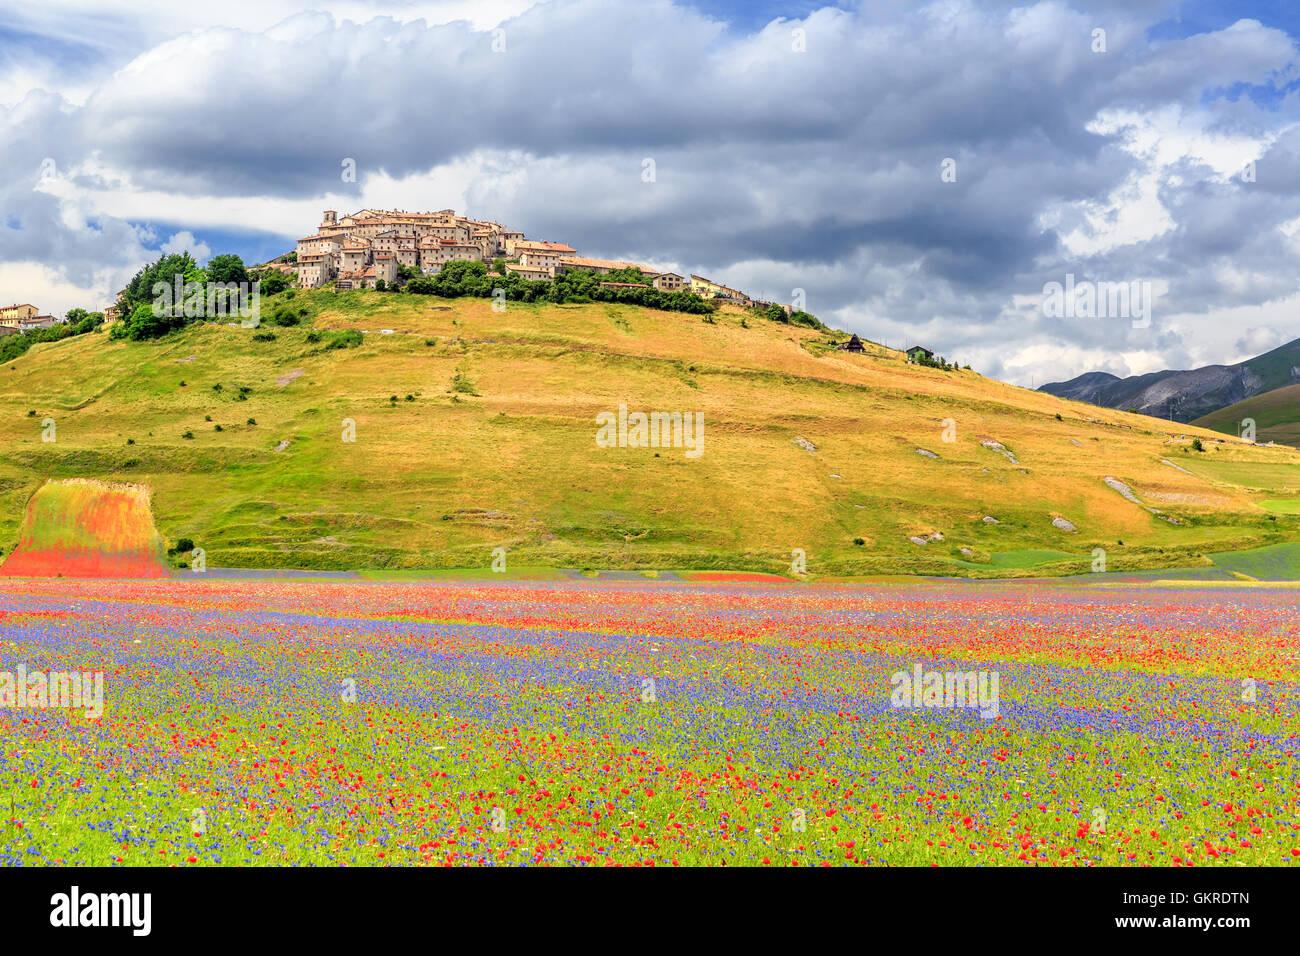 Field of wildflowers, Castelluccio di Norcia, Piano Grande, Monti Sibillini National Park, Umbria, Italy - Stock Image